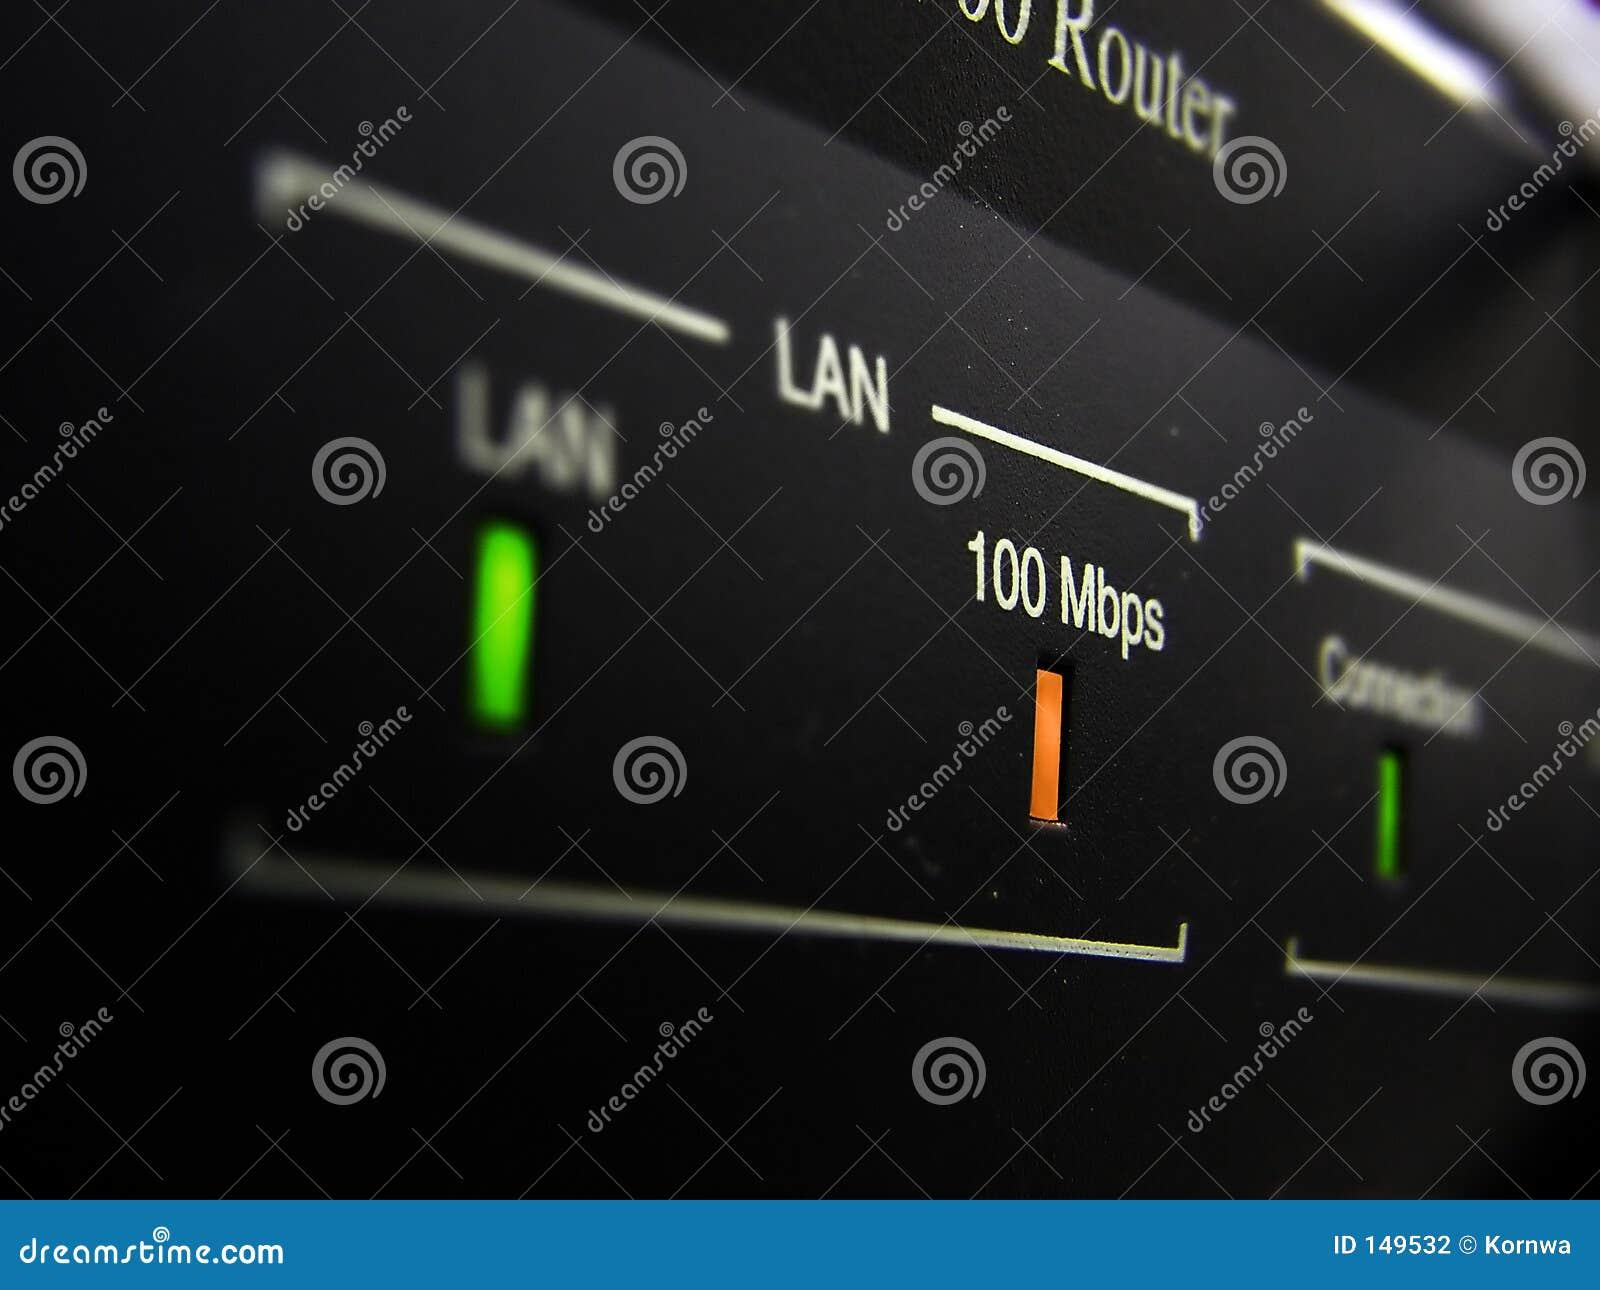 Zmiana router